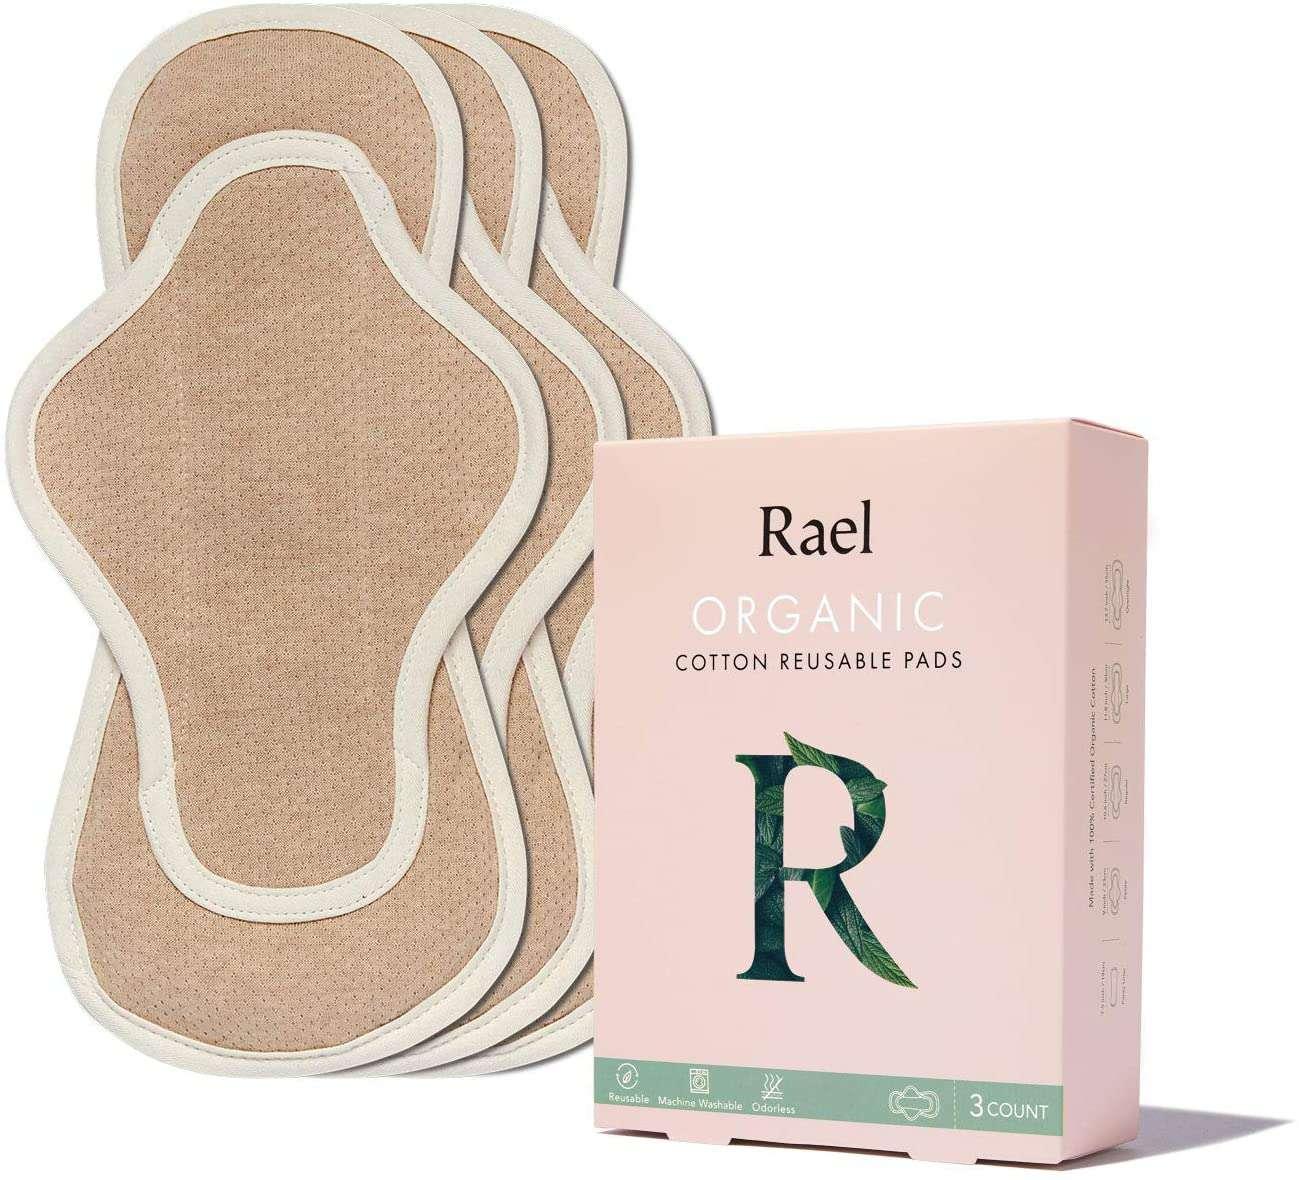 Rael Organic Reusable Pads